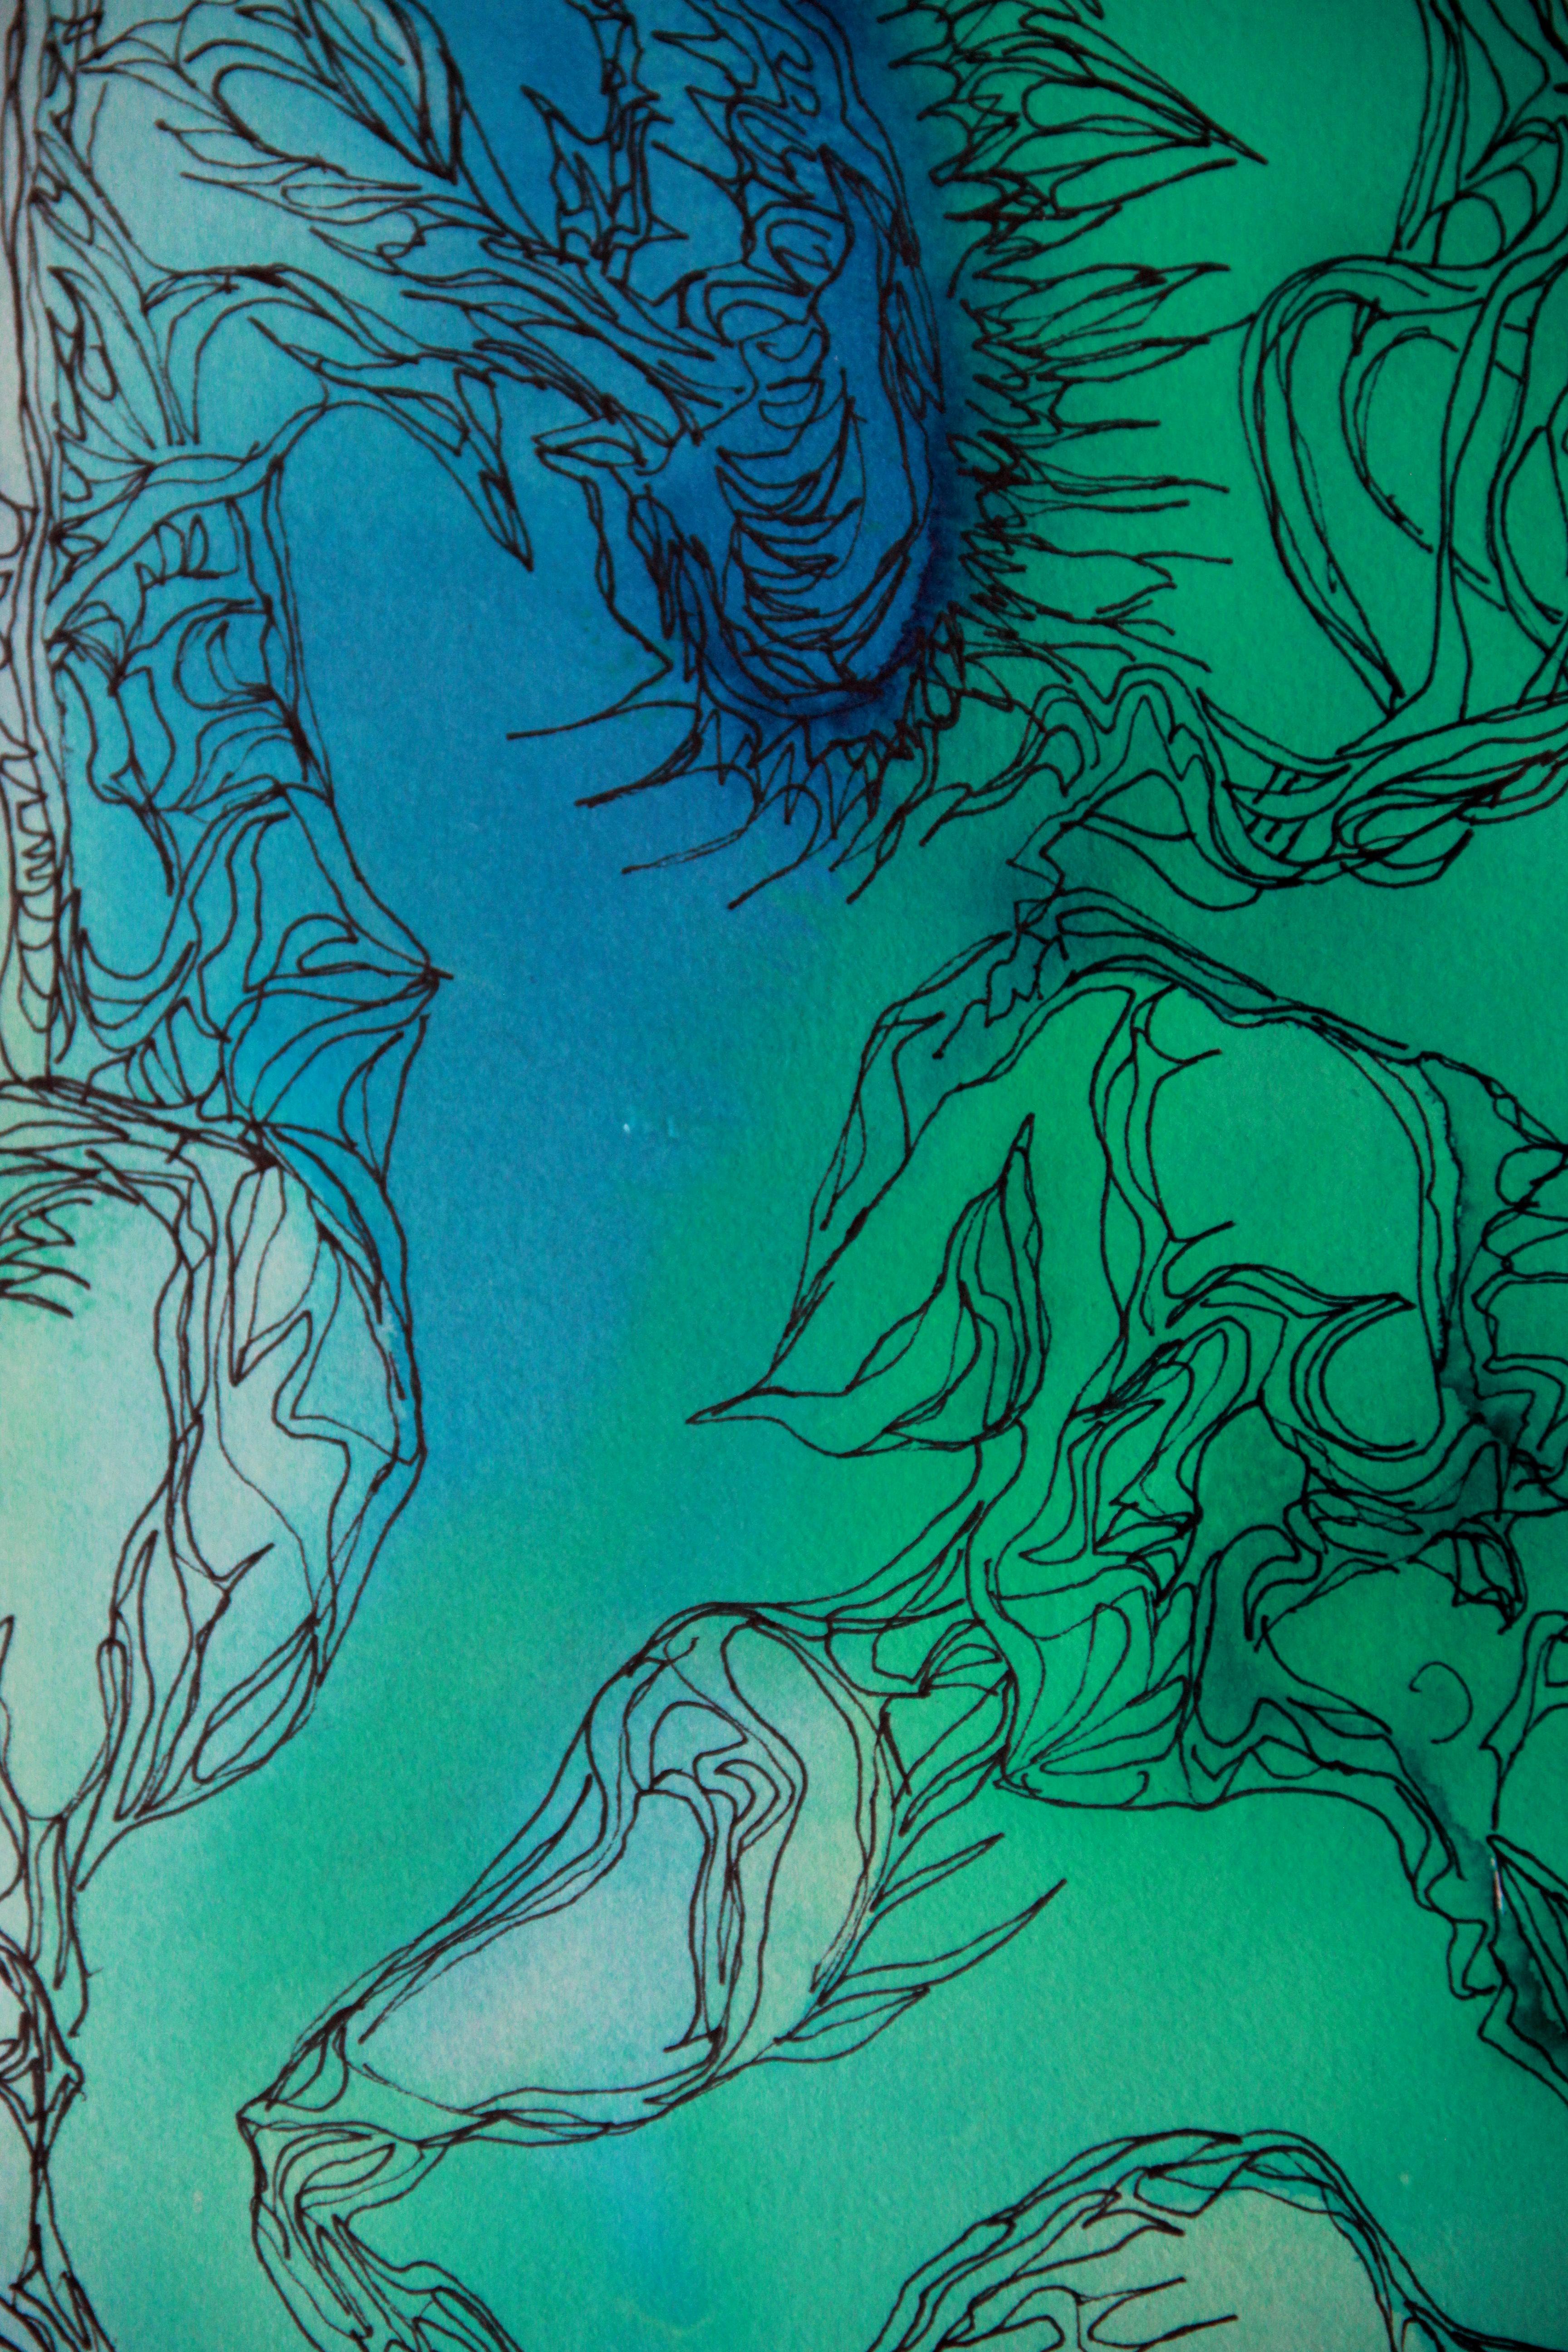 Traces détail - Peinture - Isabelle Milléquant Surr